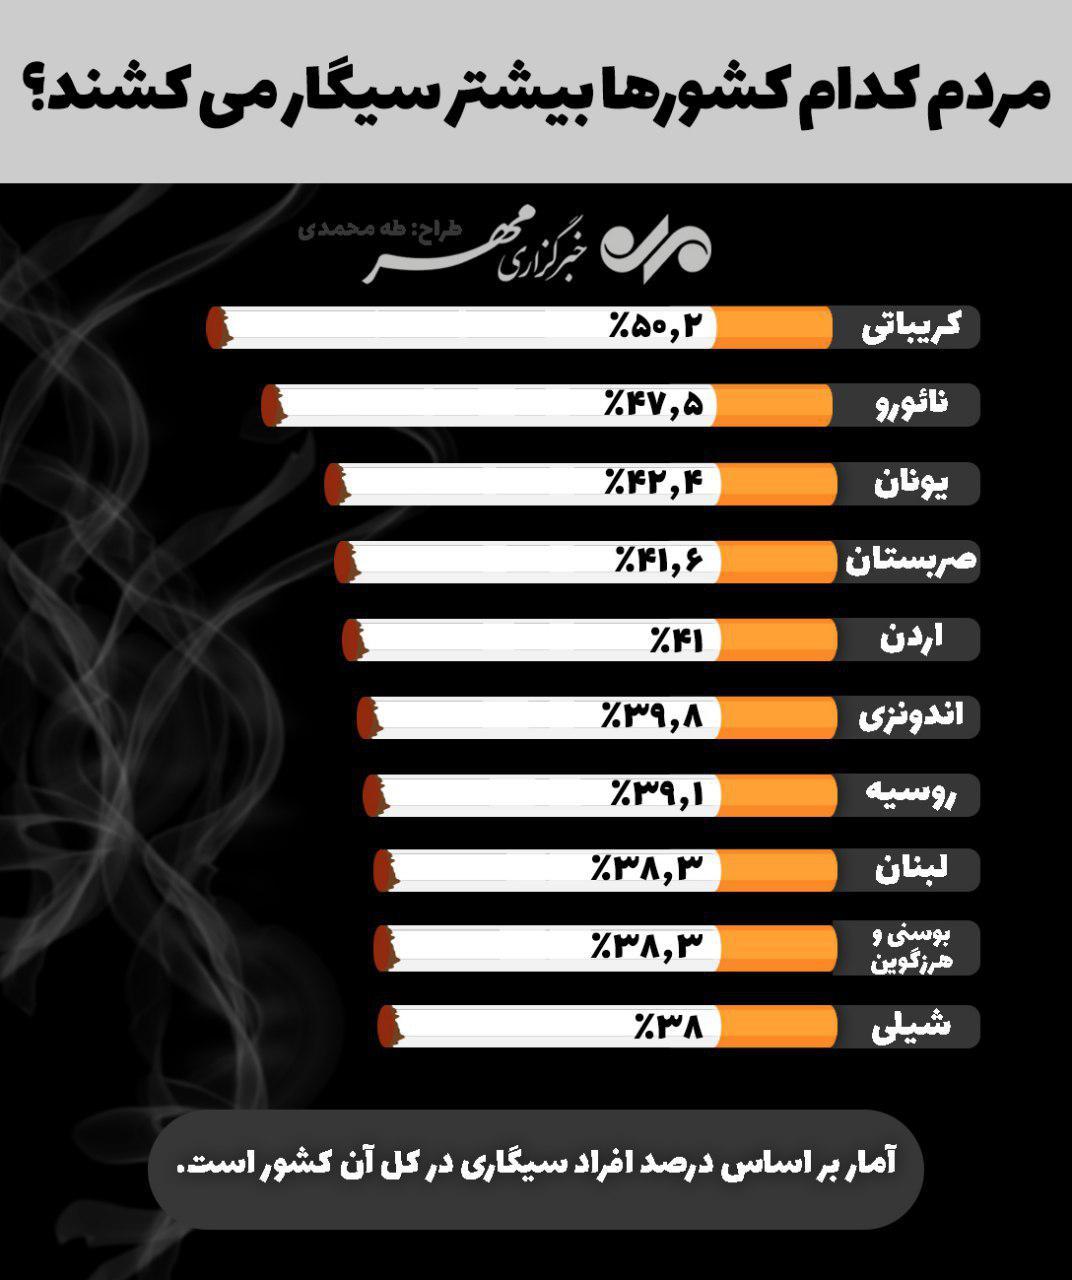 مردم کدام کشورها بیشتر سیگار میکشند؟ +اینفوگرافیک